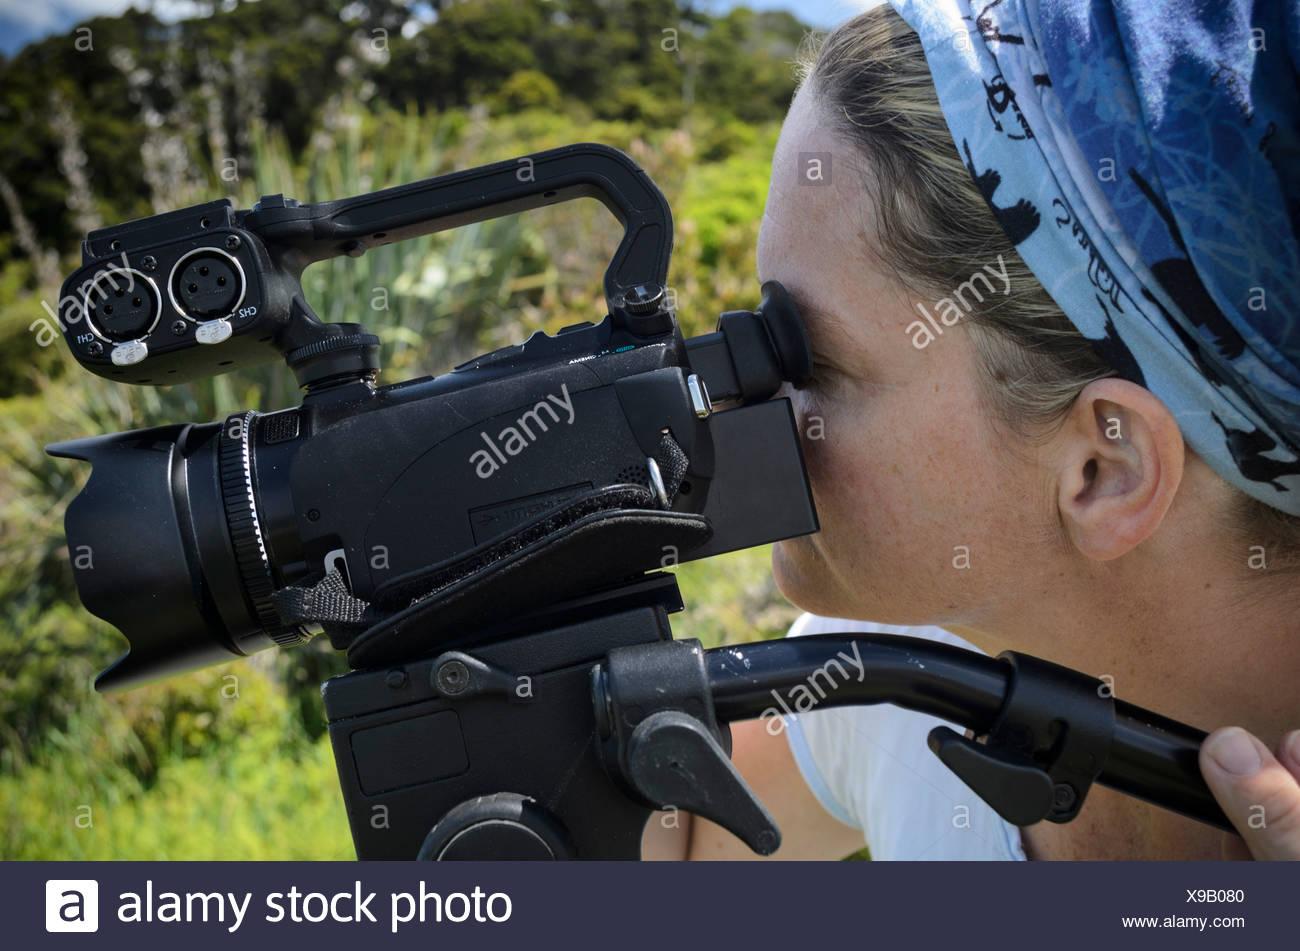 Giovane donna che guarda attraverso il mirino di un video HD fotocamera su un treppiede, Nuova Zelanda, Oceania Immagini Stock